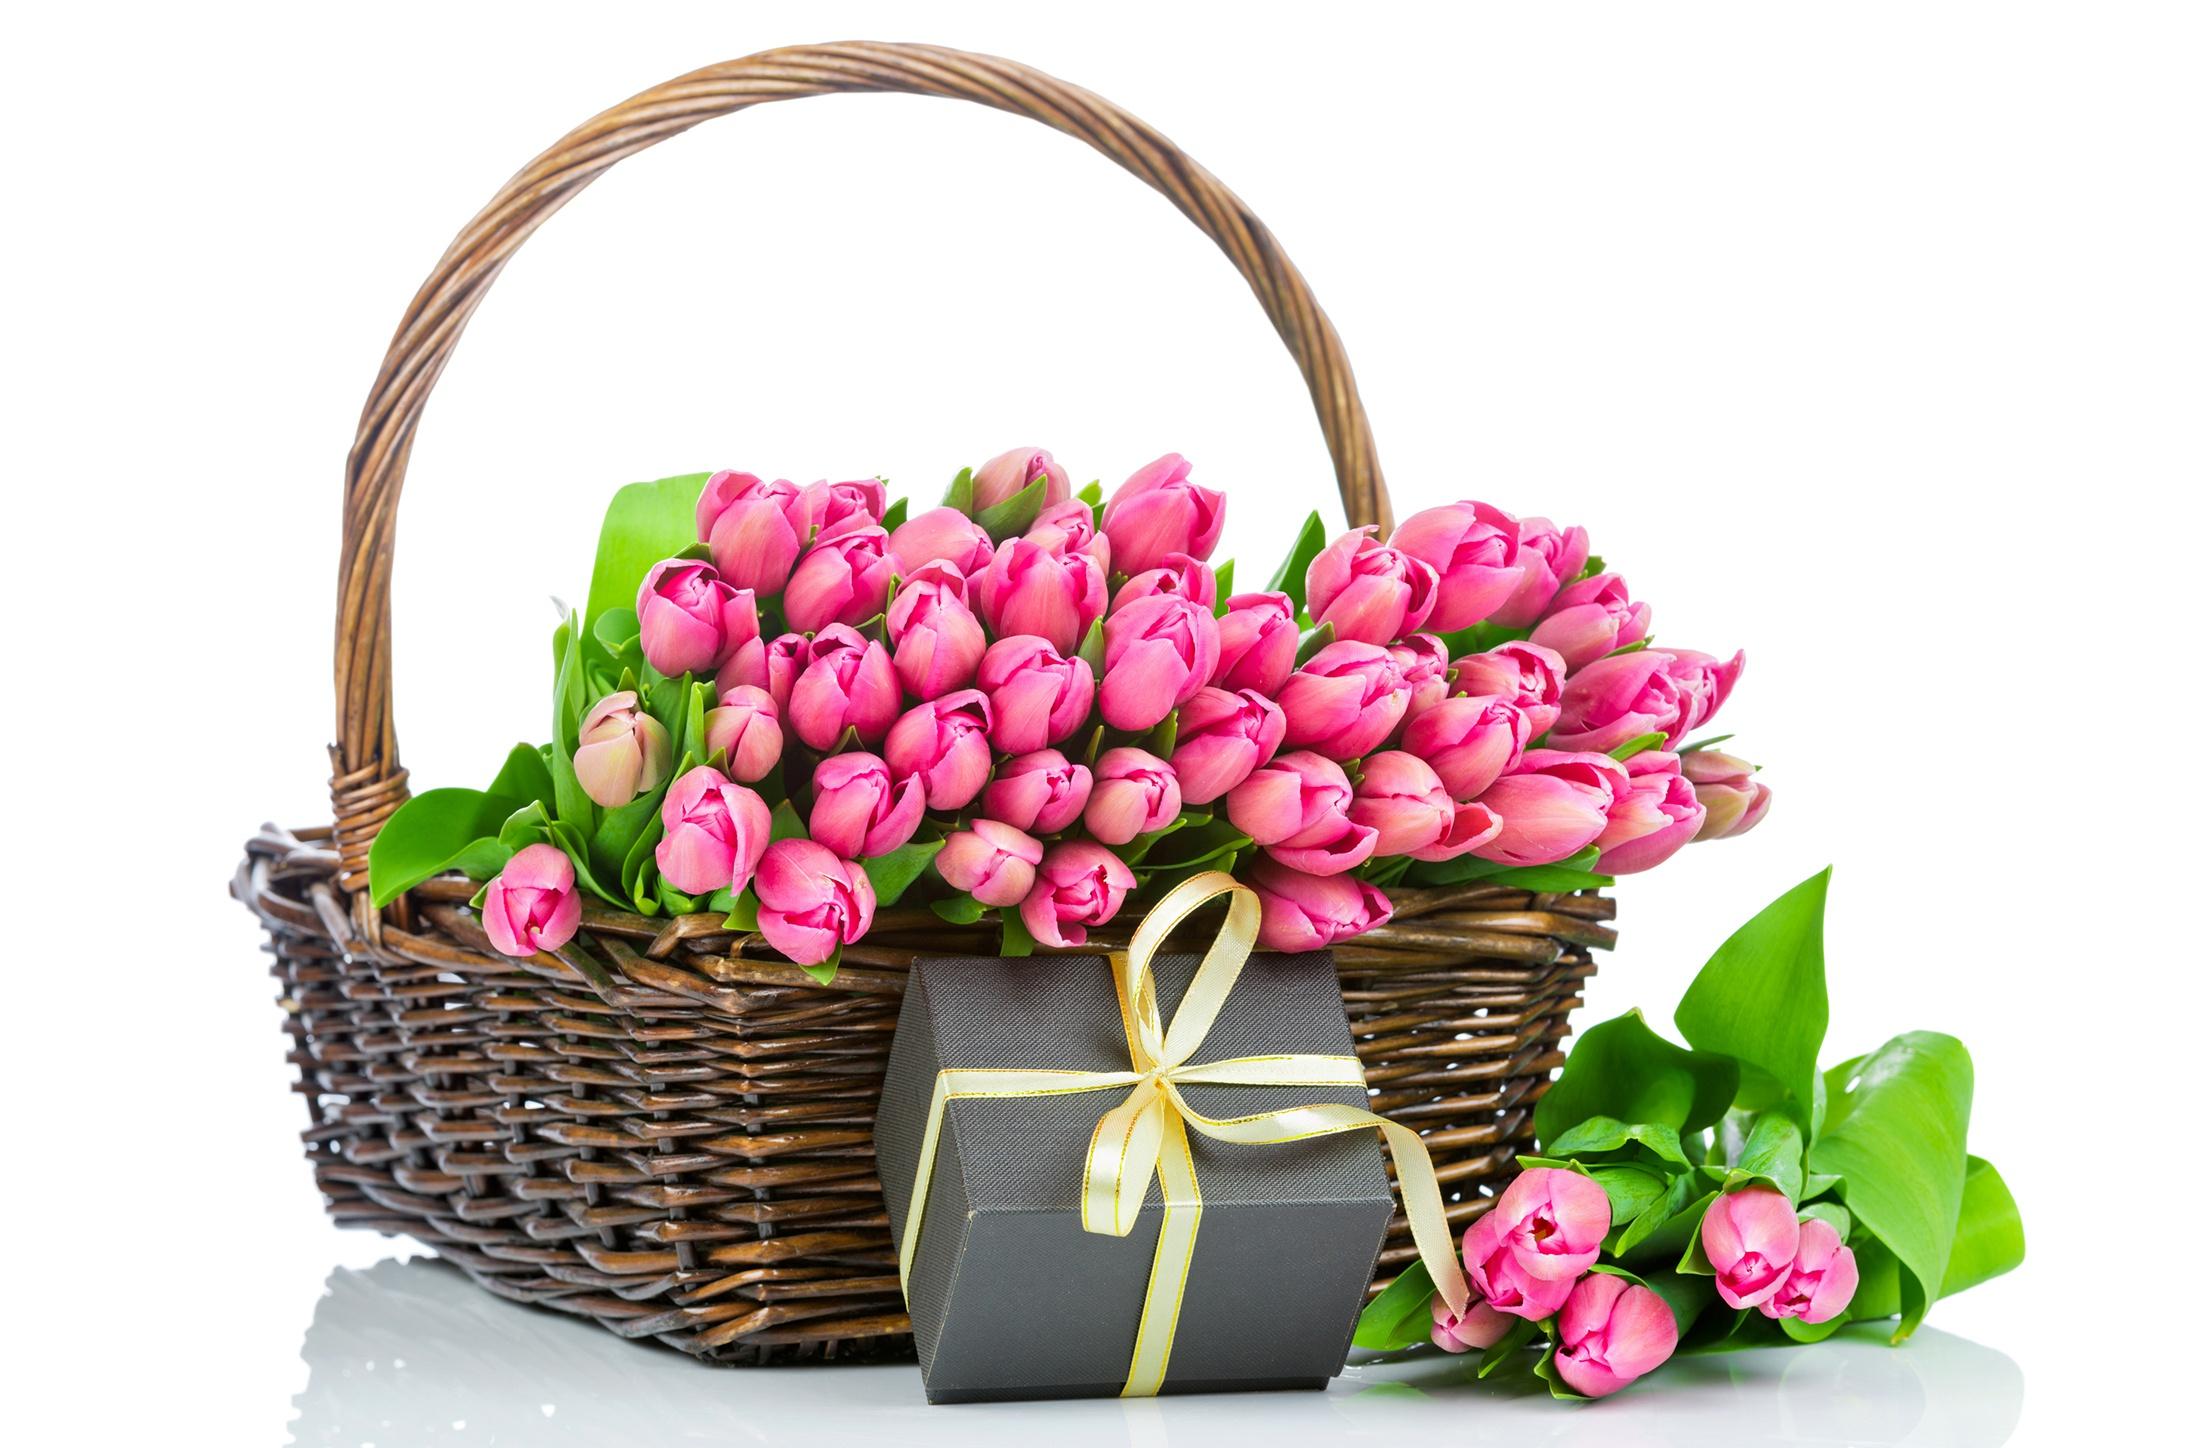 Открытки тюльпаны в корзине, вертуальные открытка лет